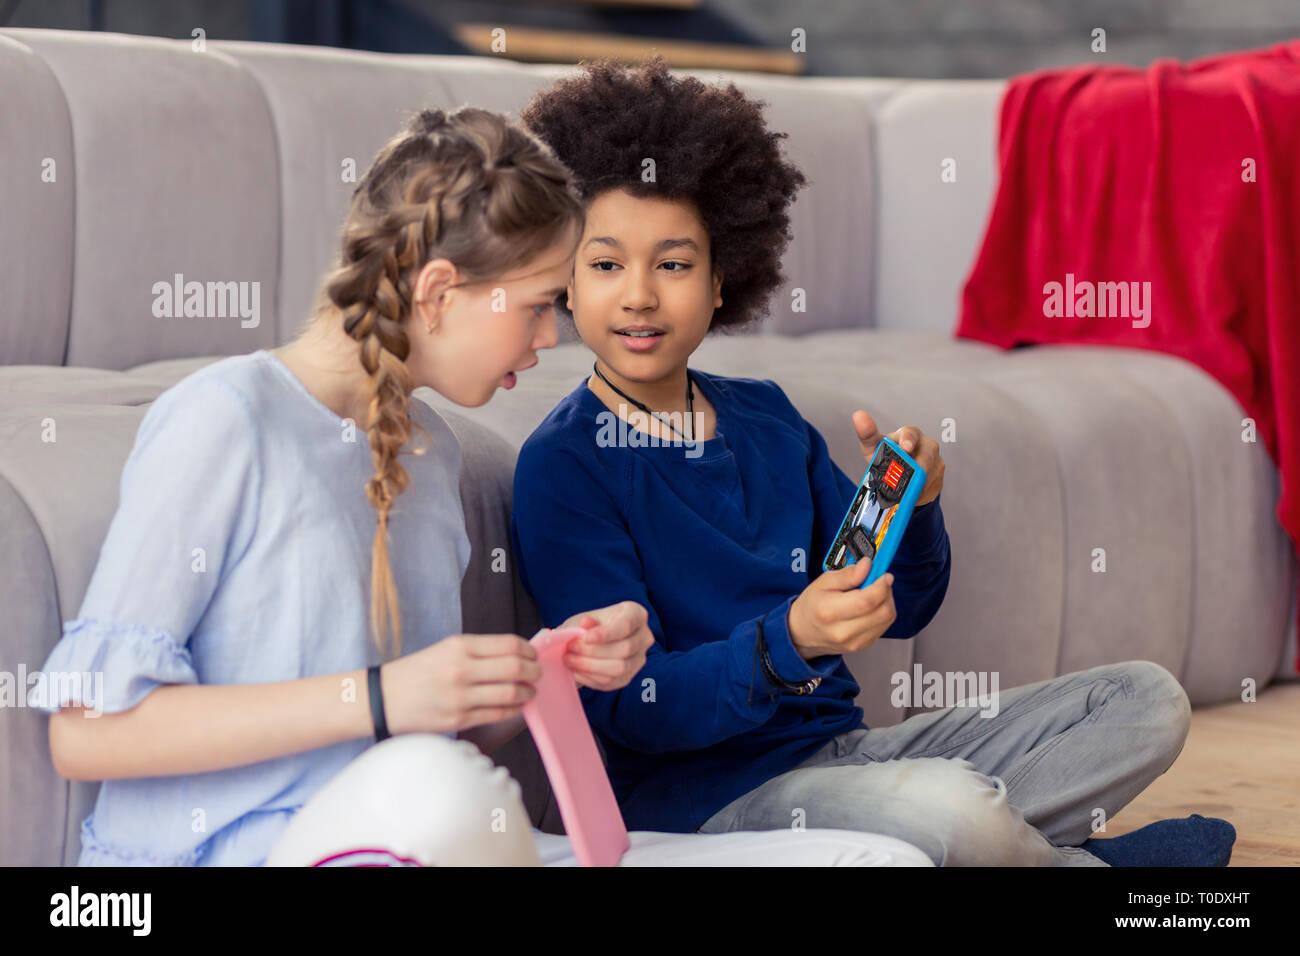 Niños alegres jugando juntos con sus gadgets Foto de stock